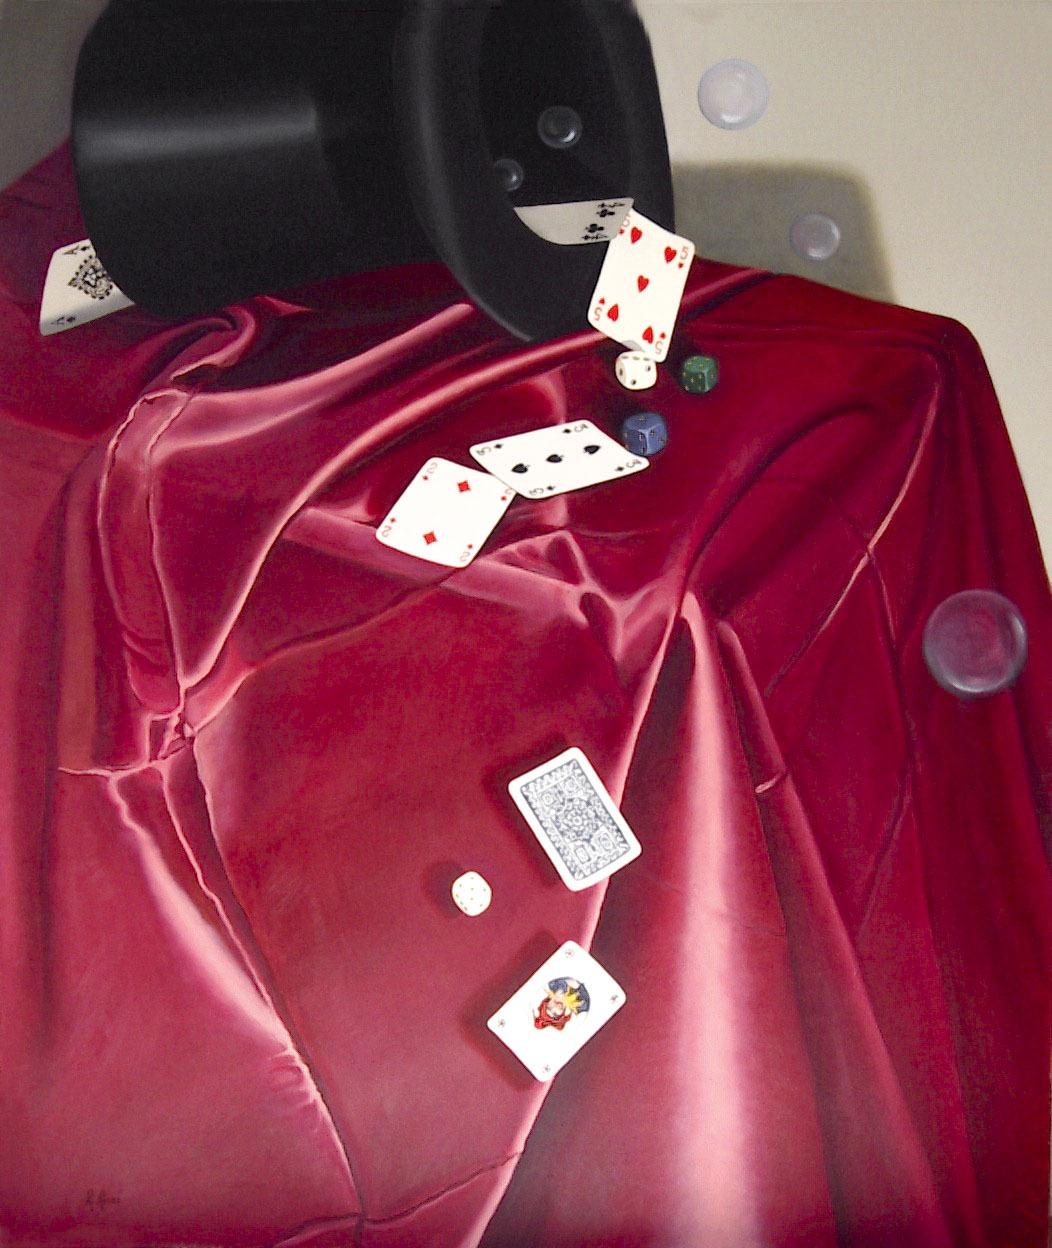 2004 roberta rossi – Magia del gioco – olio su tela – 60 x 70